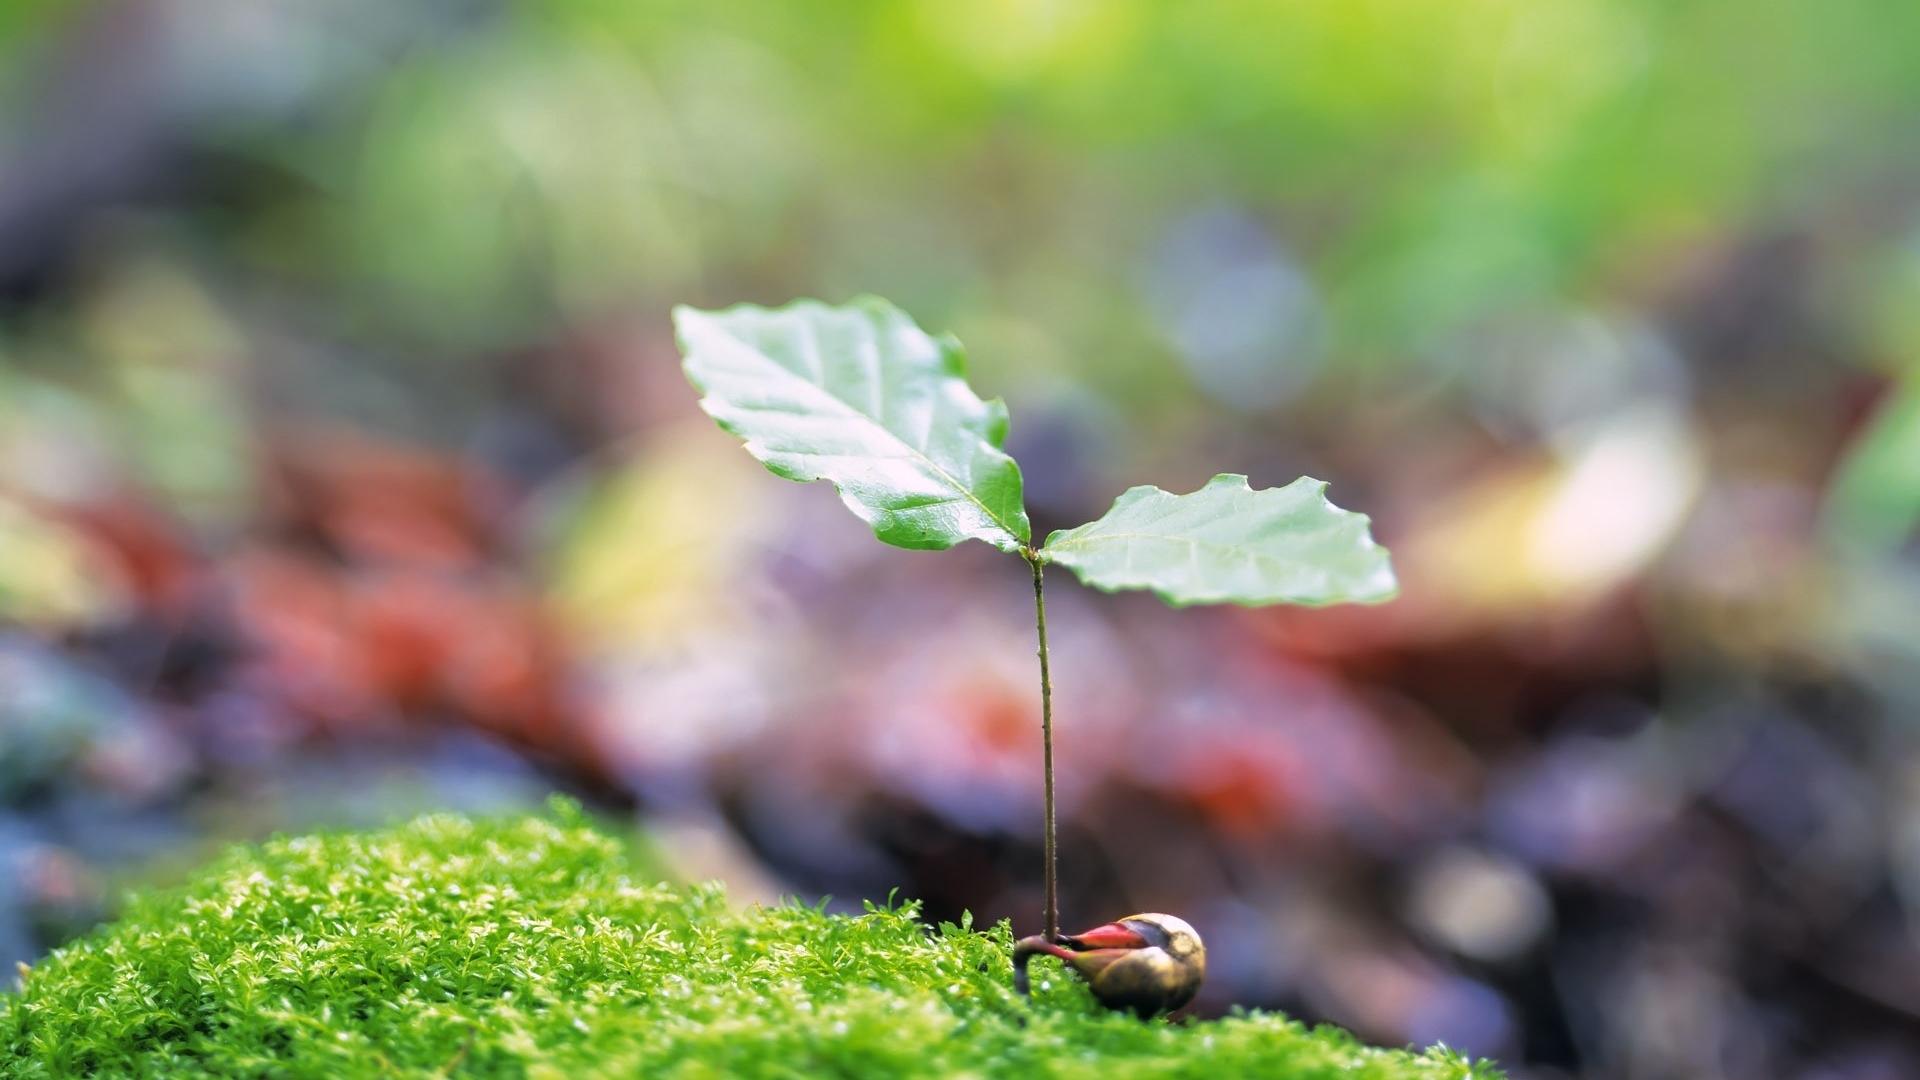 Hình nền lá cây non